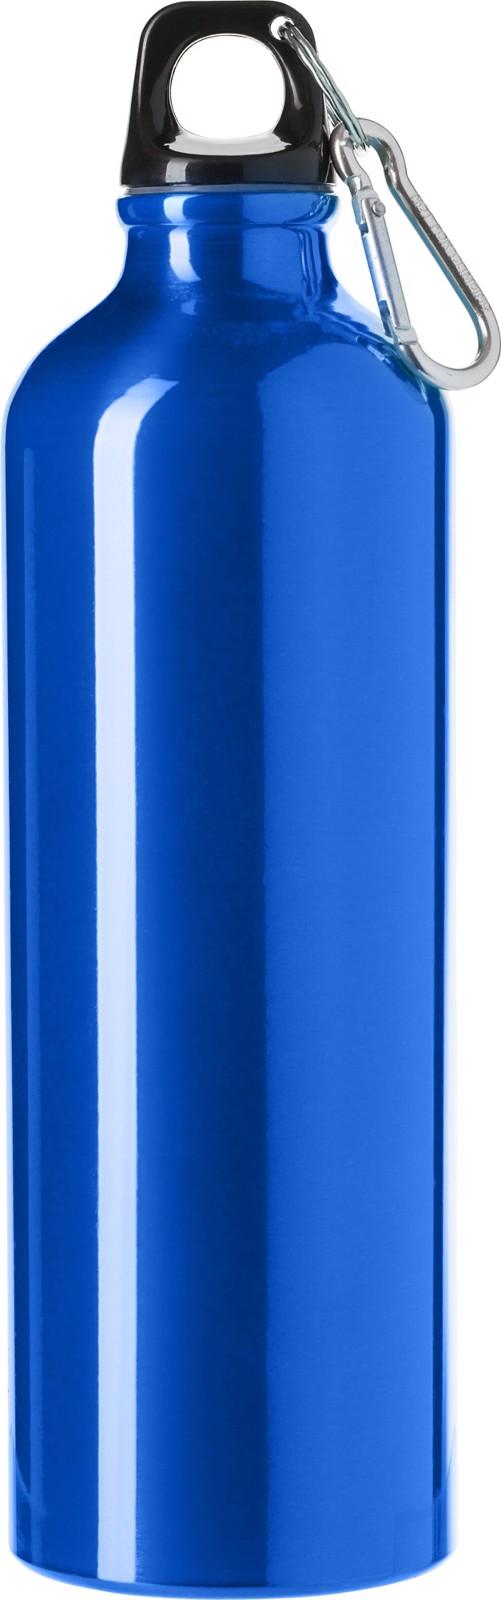 Aluminium flask - Cobalt Blue